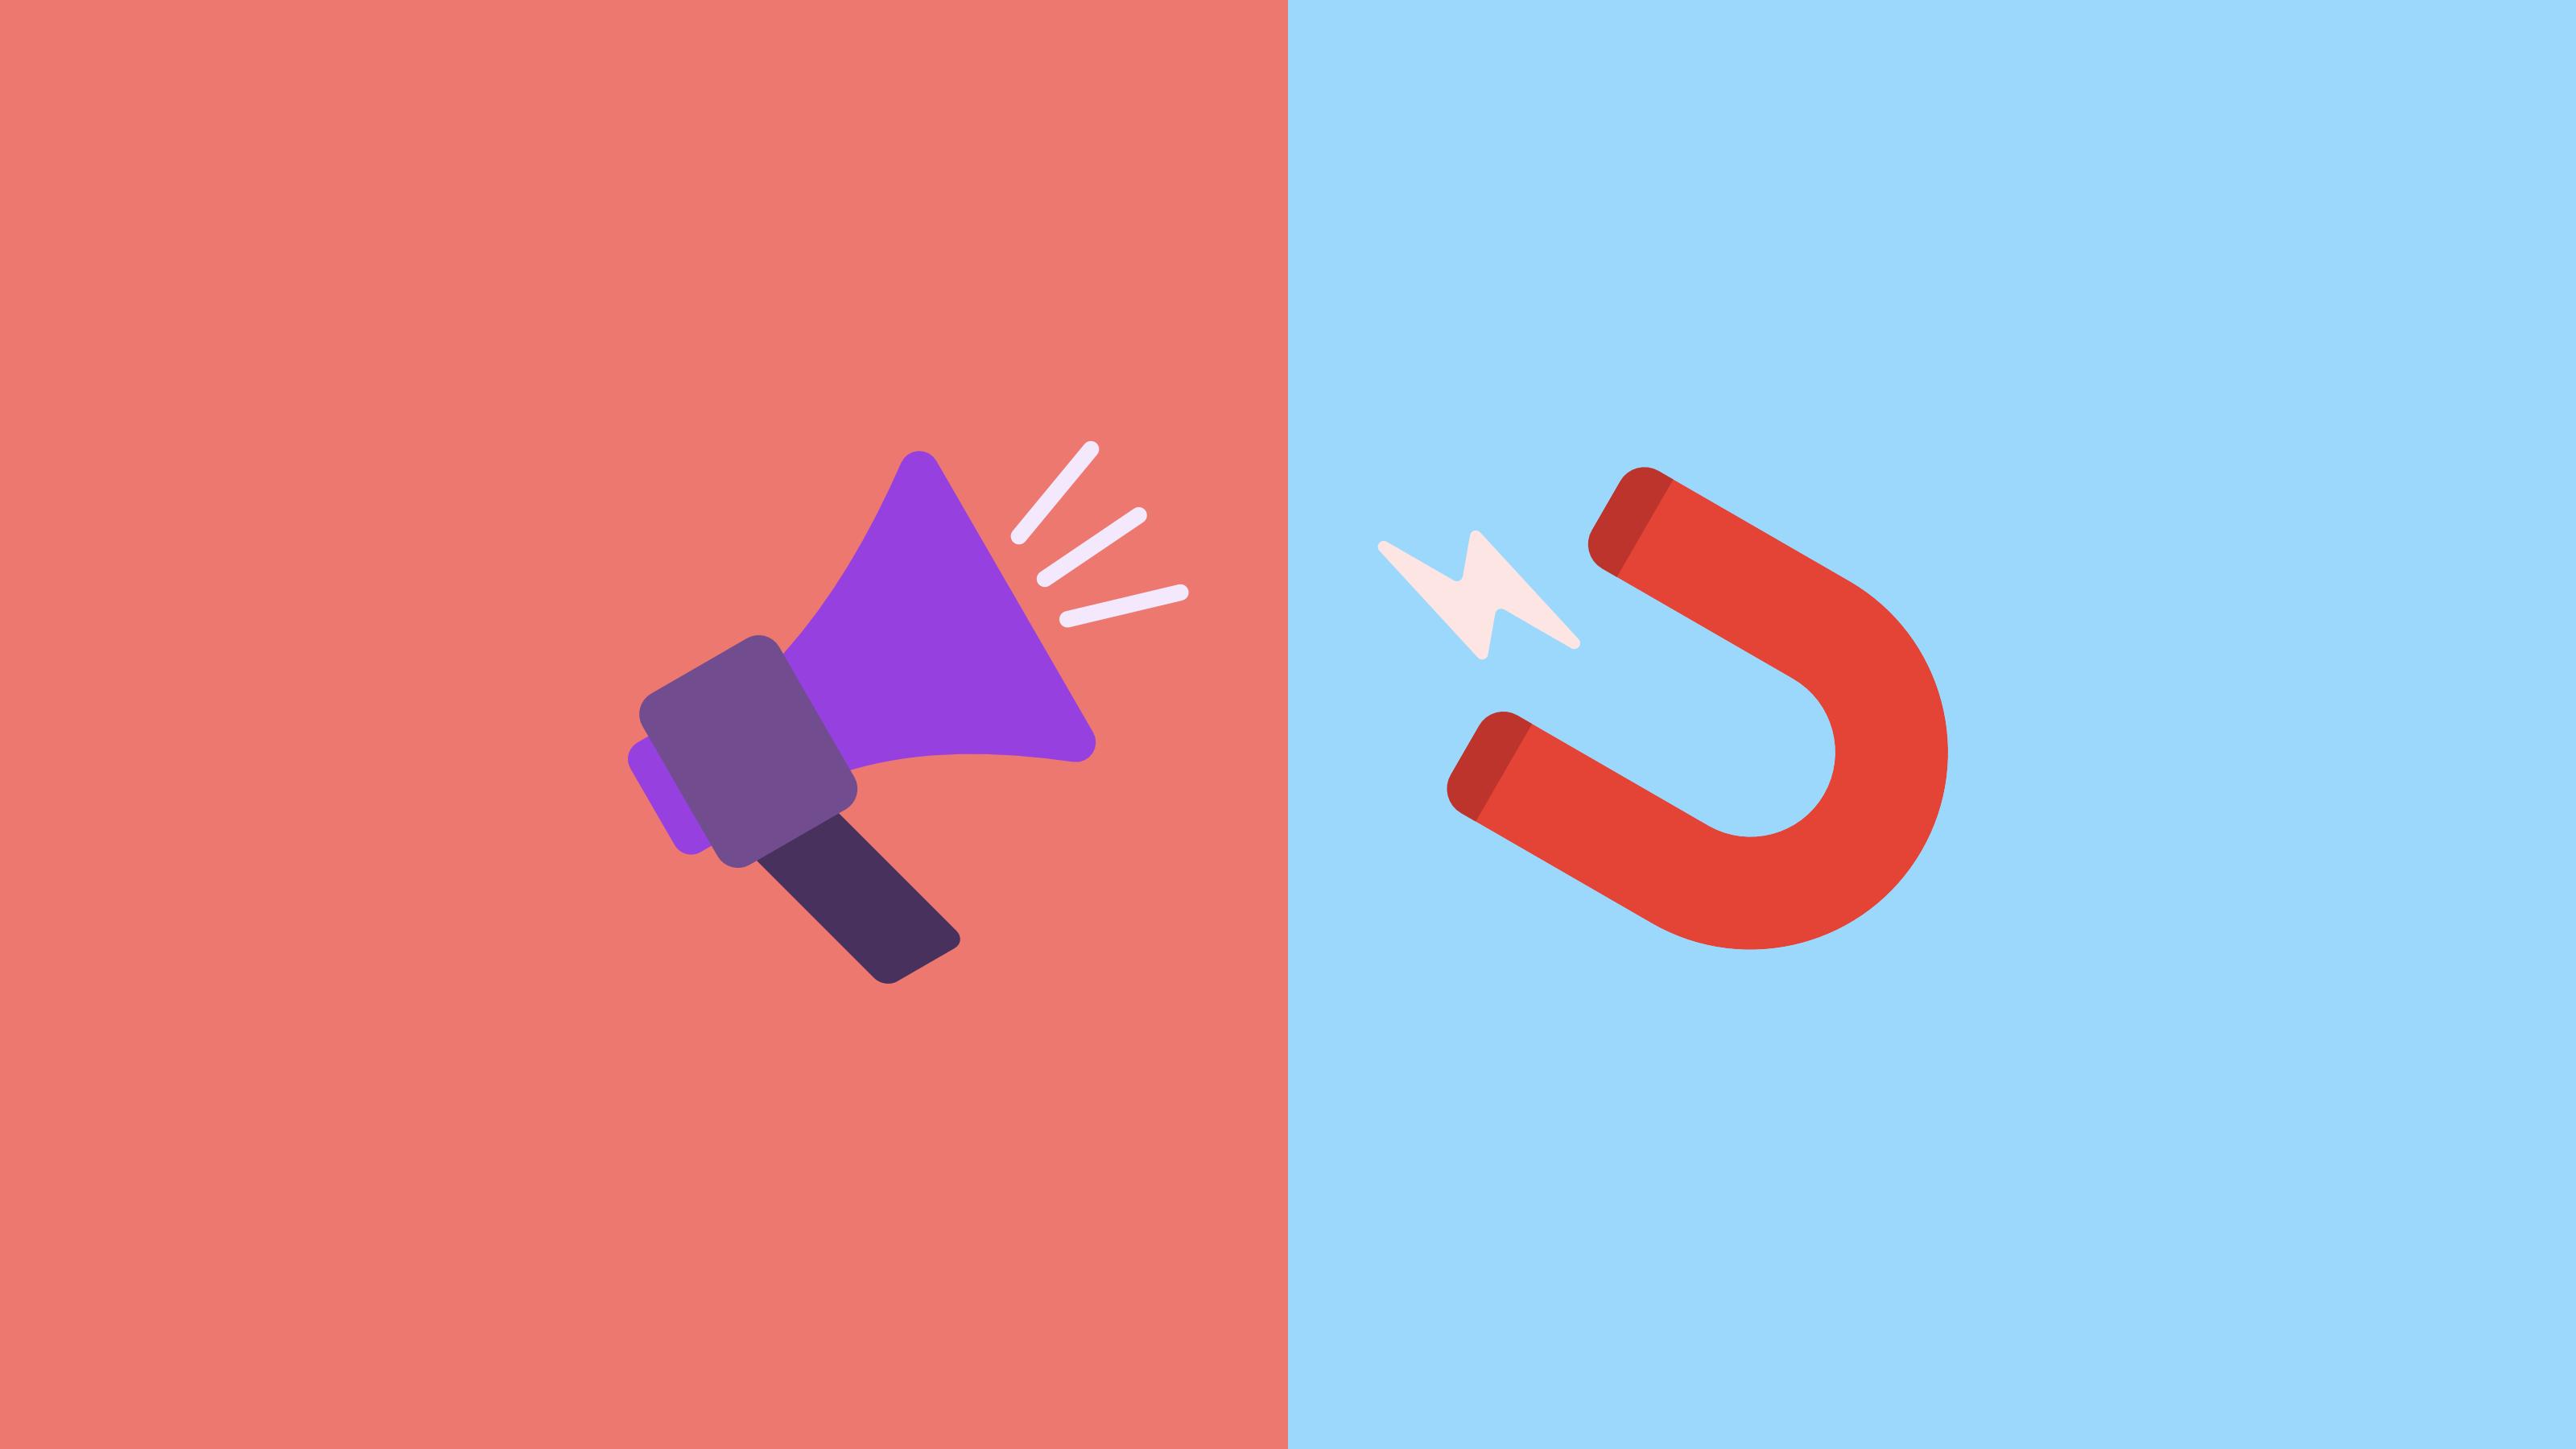 Push pull esempi di appuntamenti